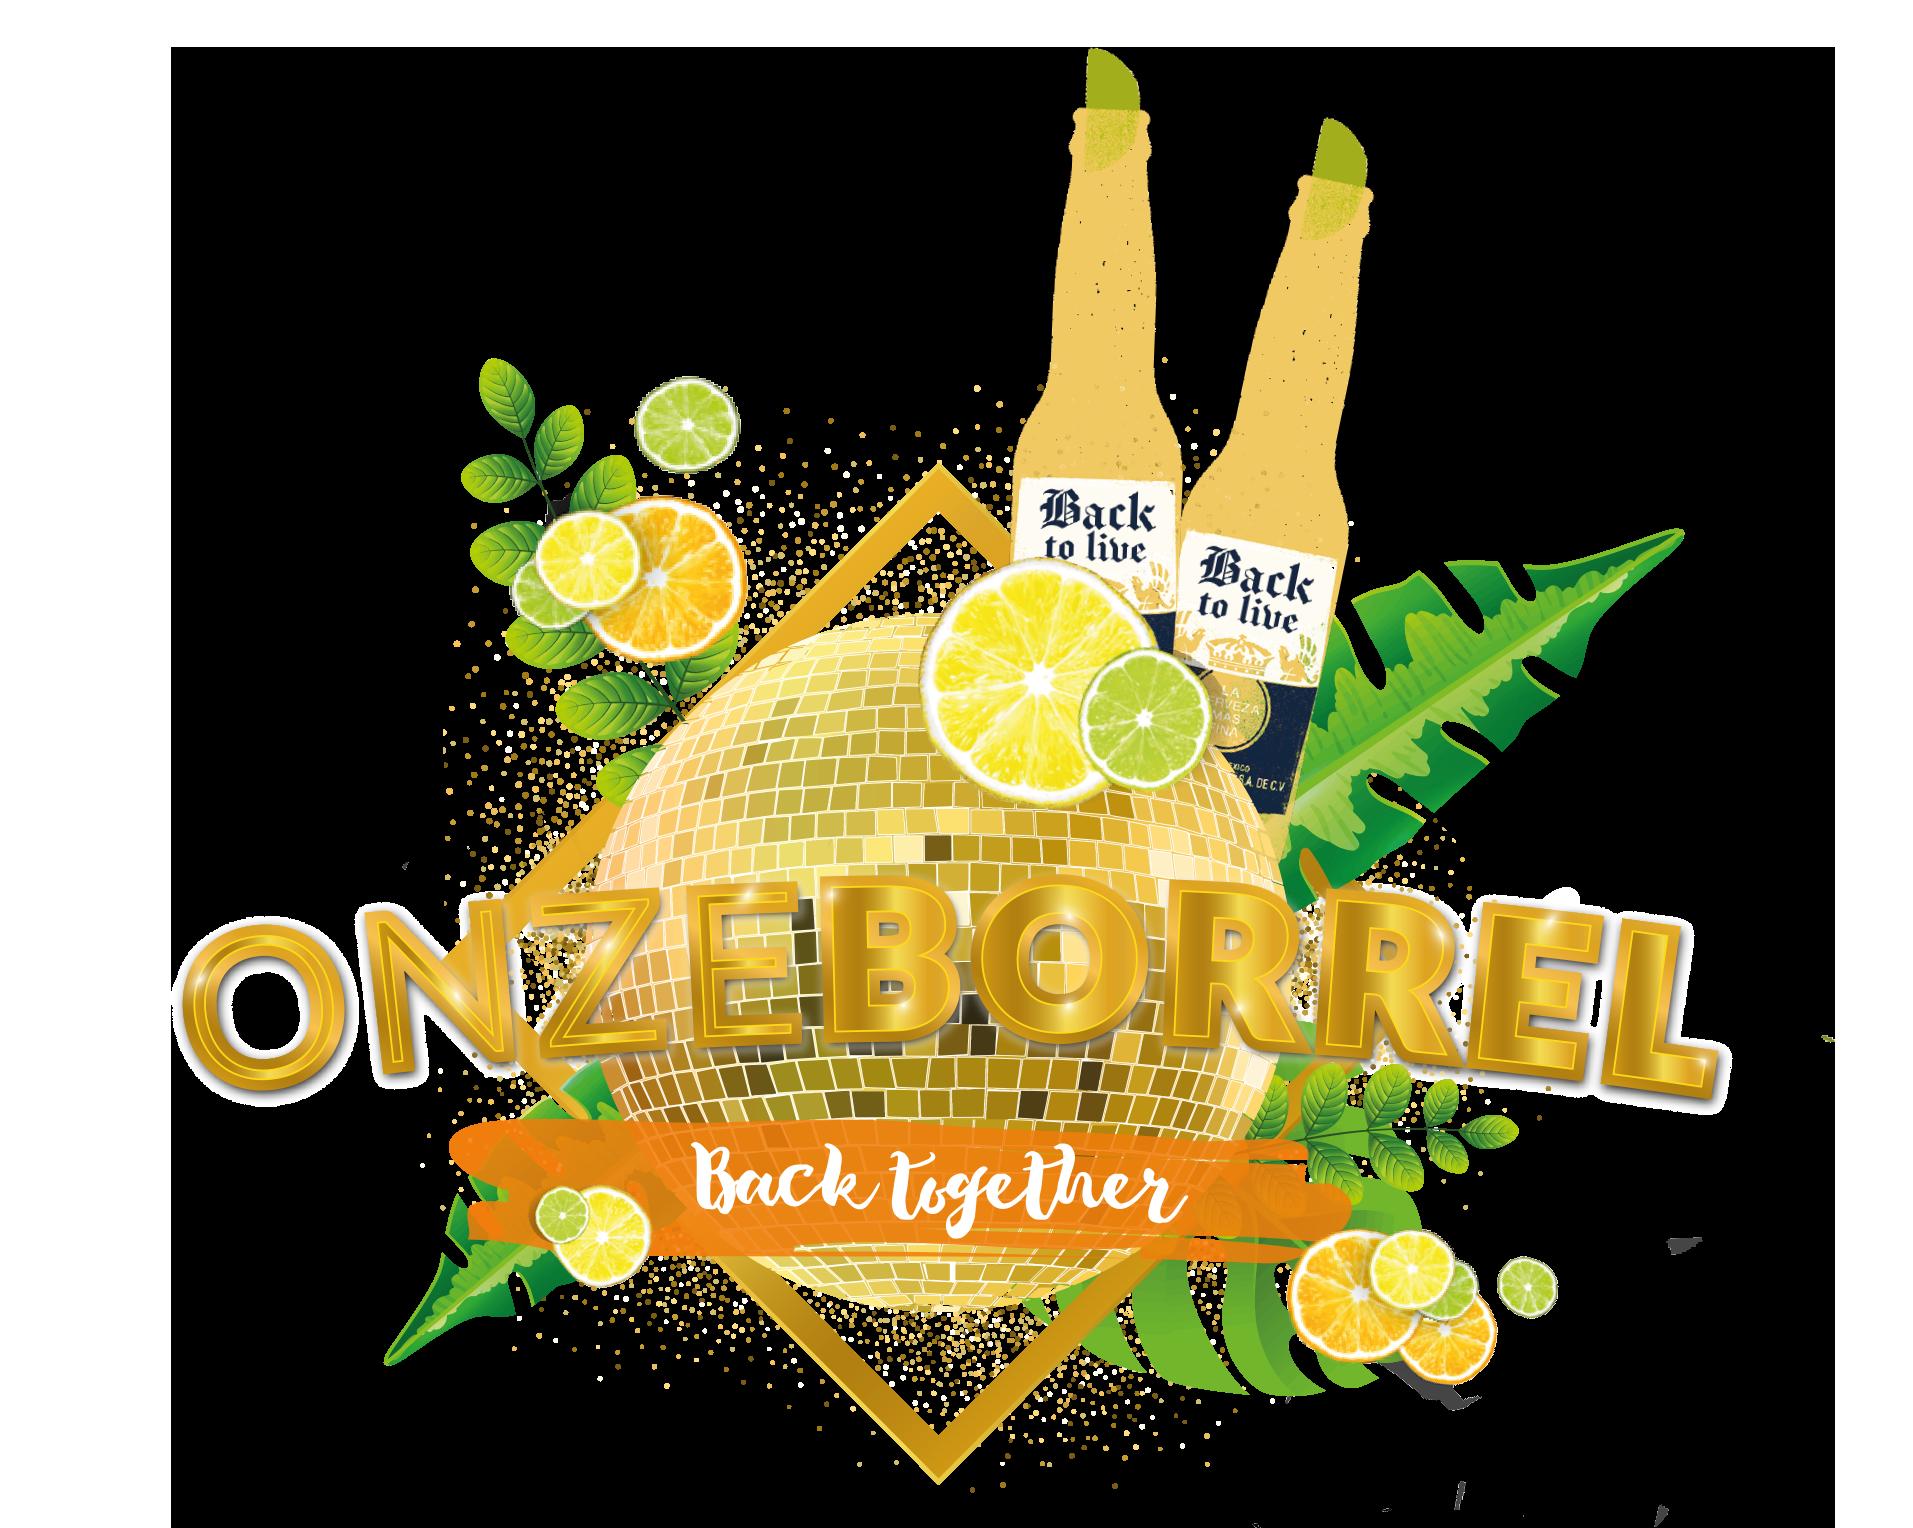 ONZEBORREL_back_together